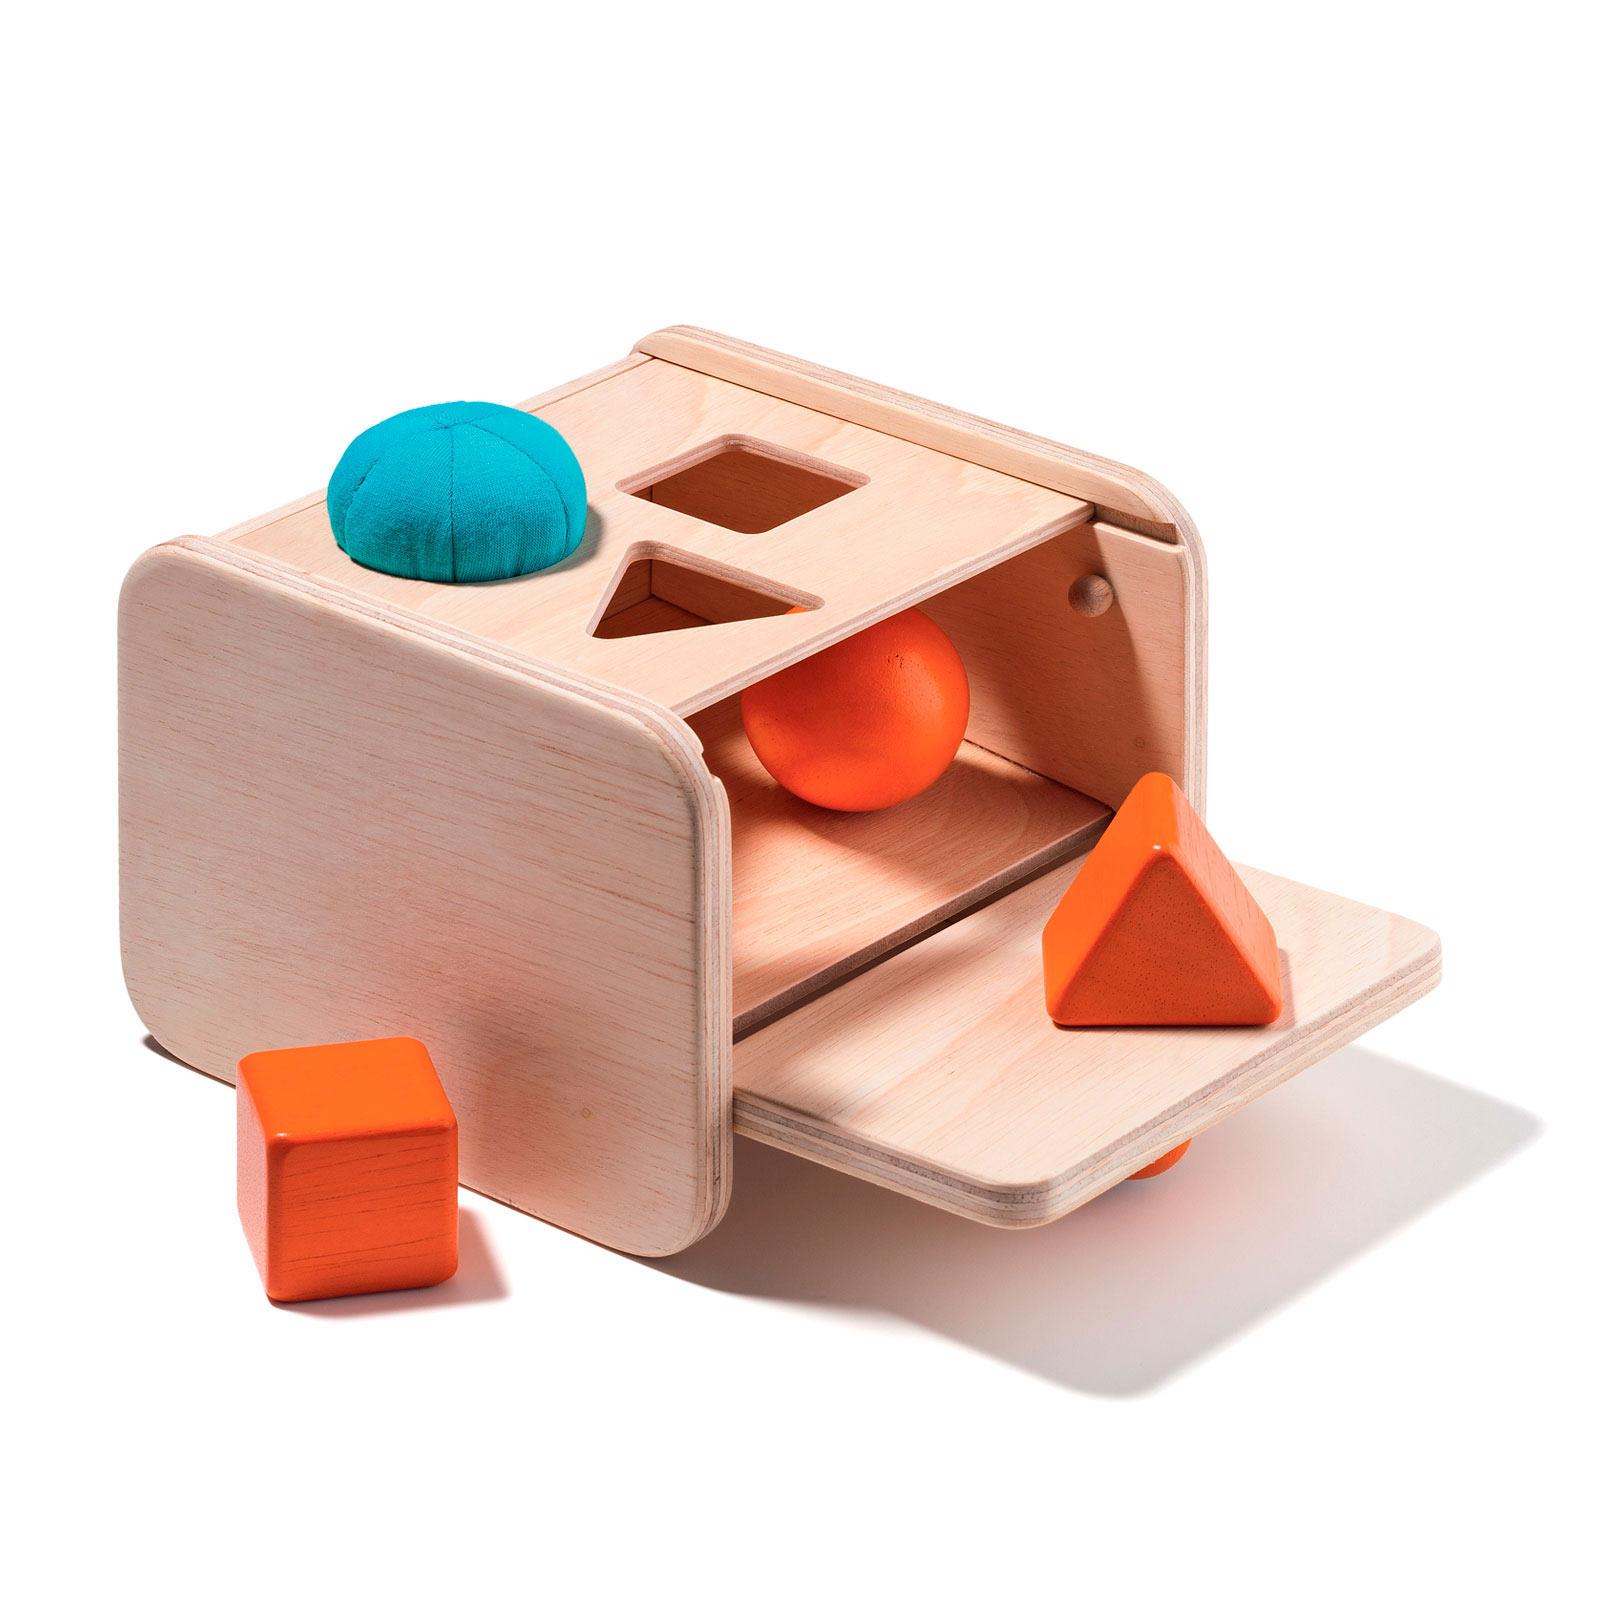 Boîte De Notion De Permanence De L'objet avec Boite À Forme Montessori